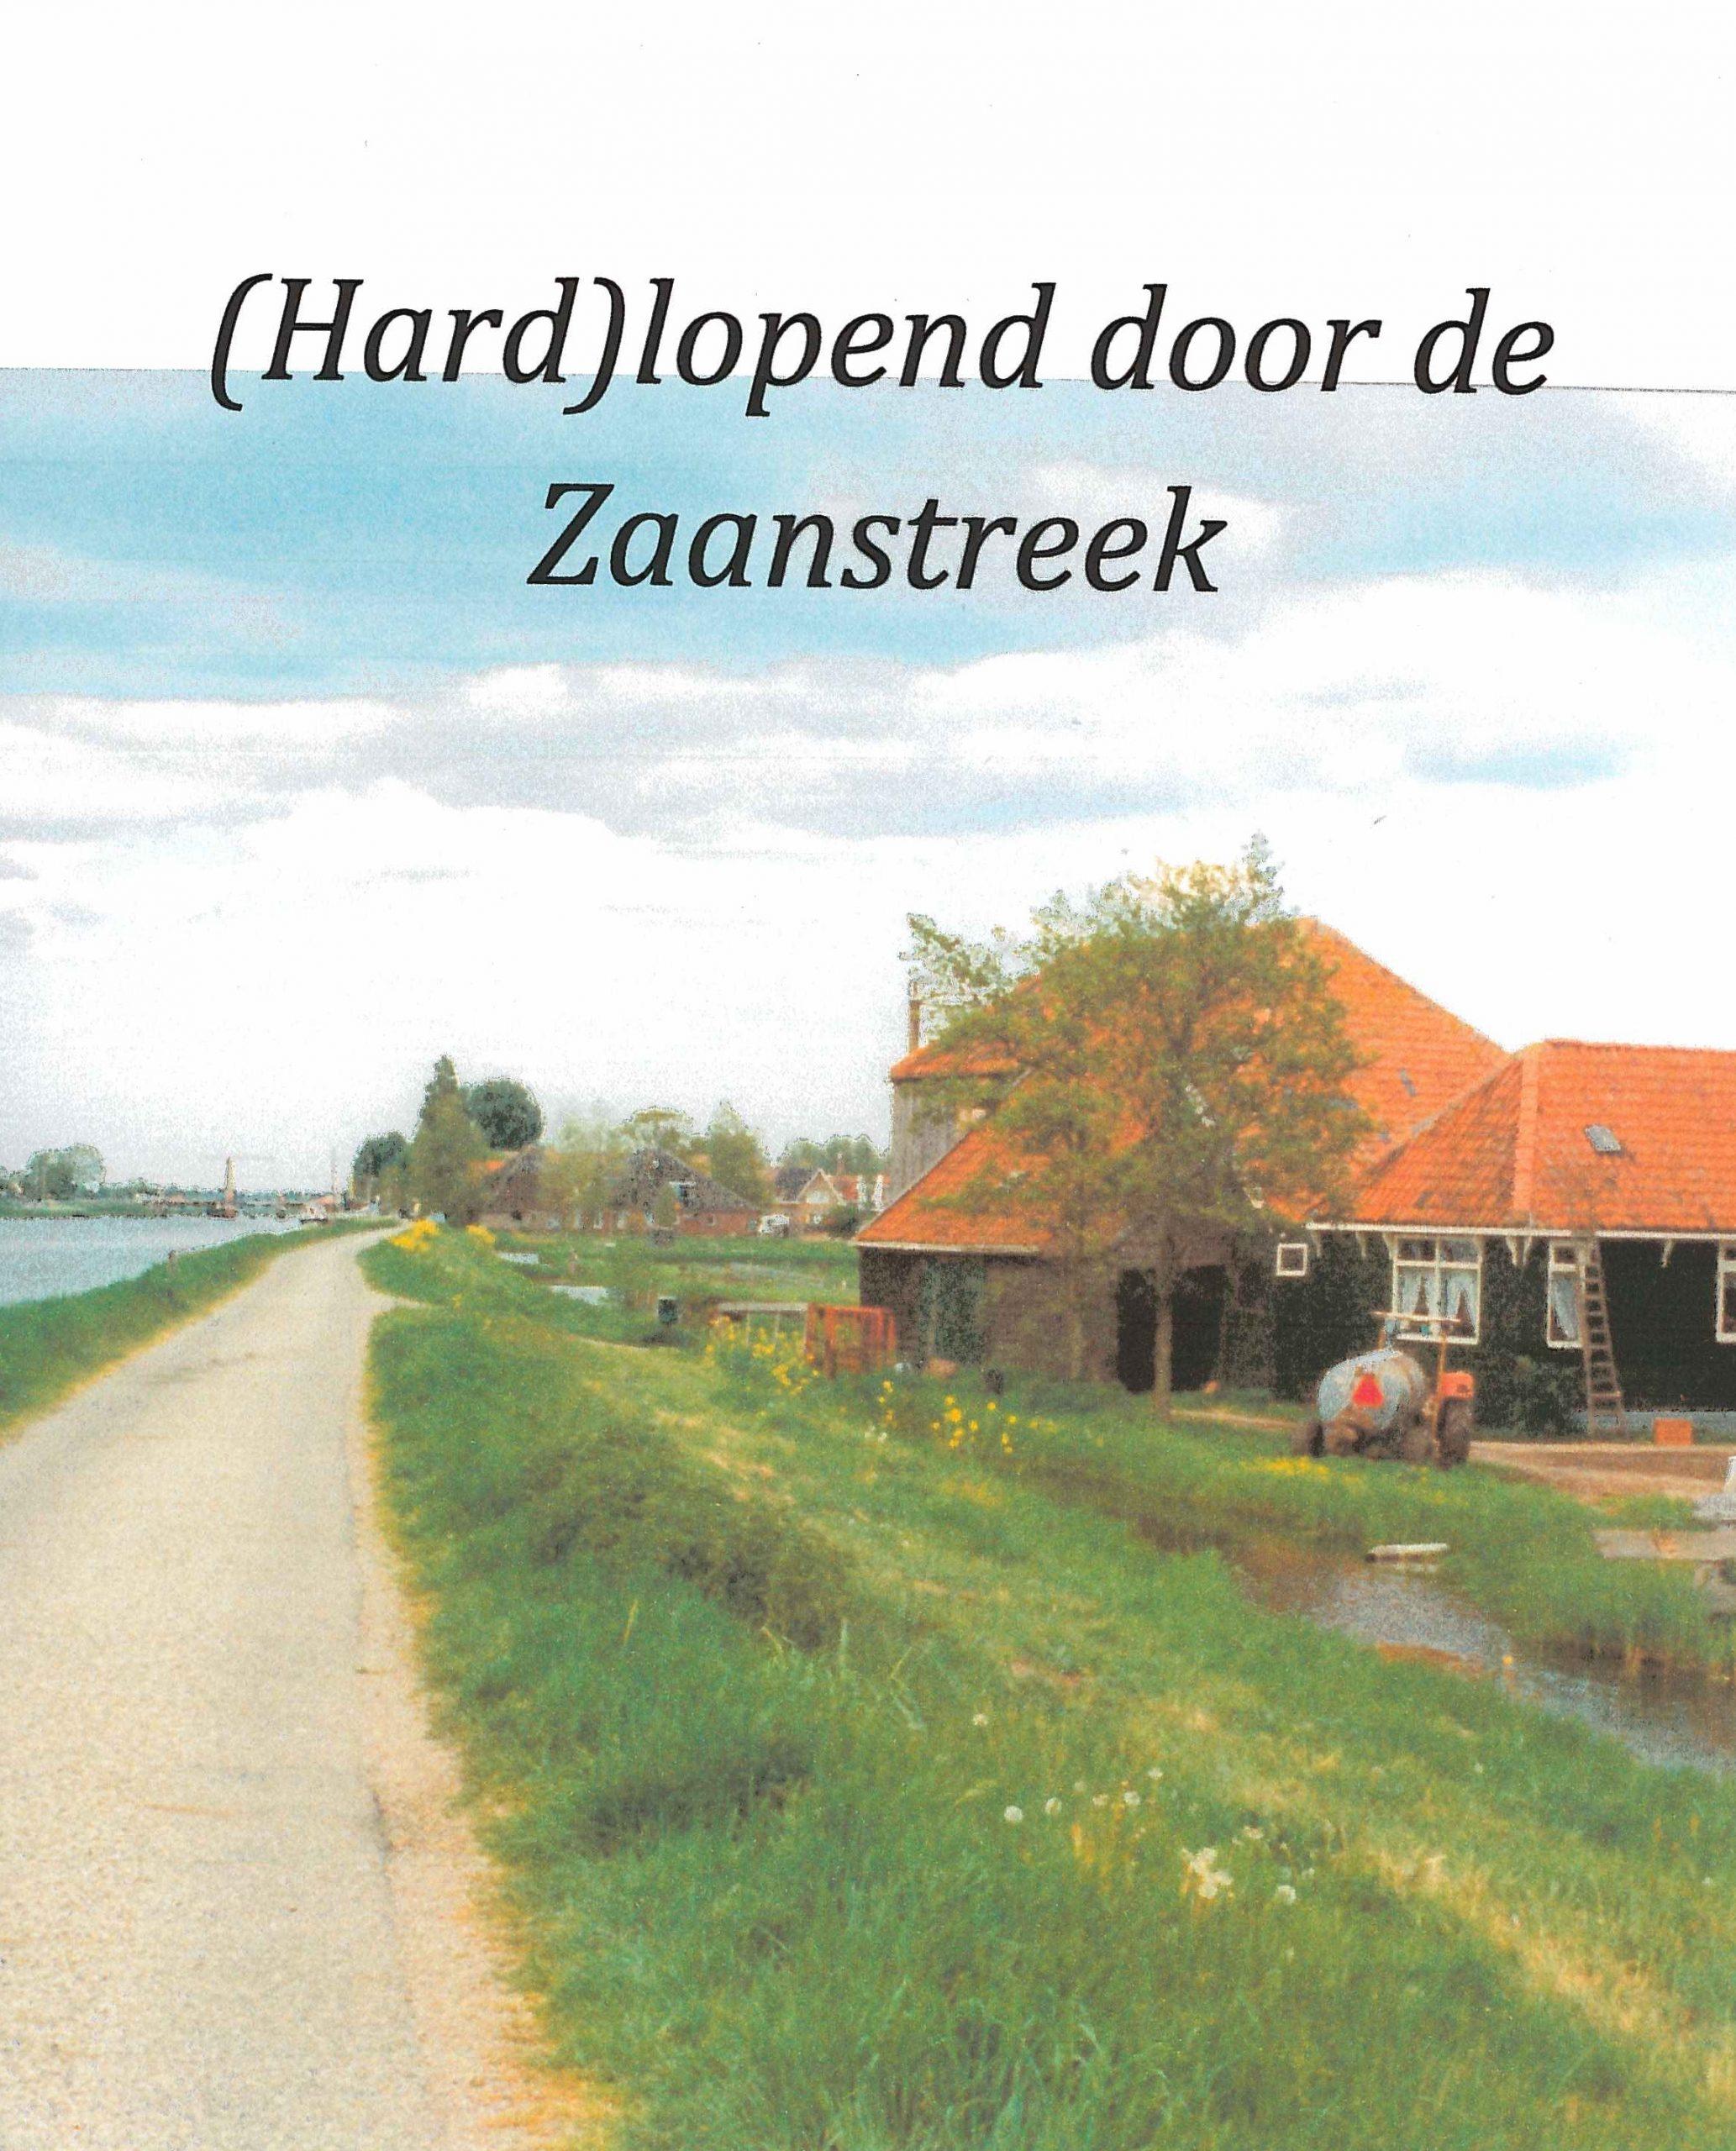 Hardlopend door de Zaanstreek